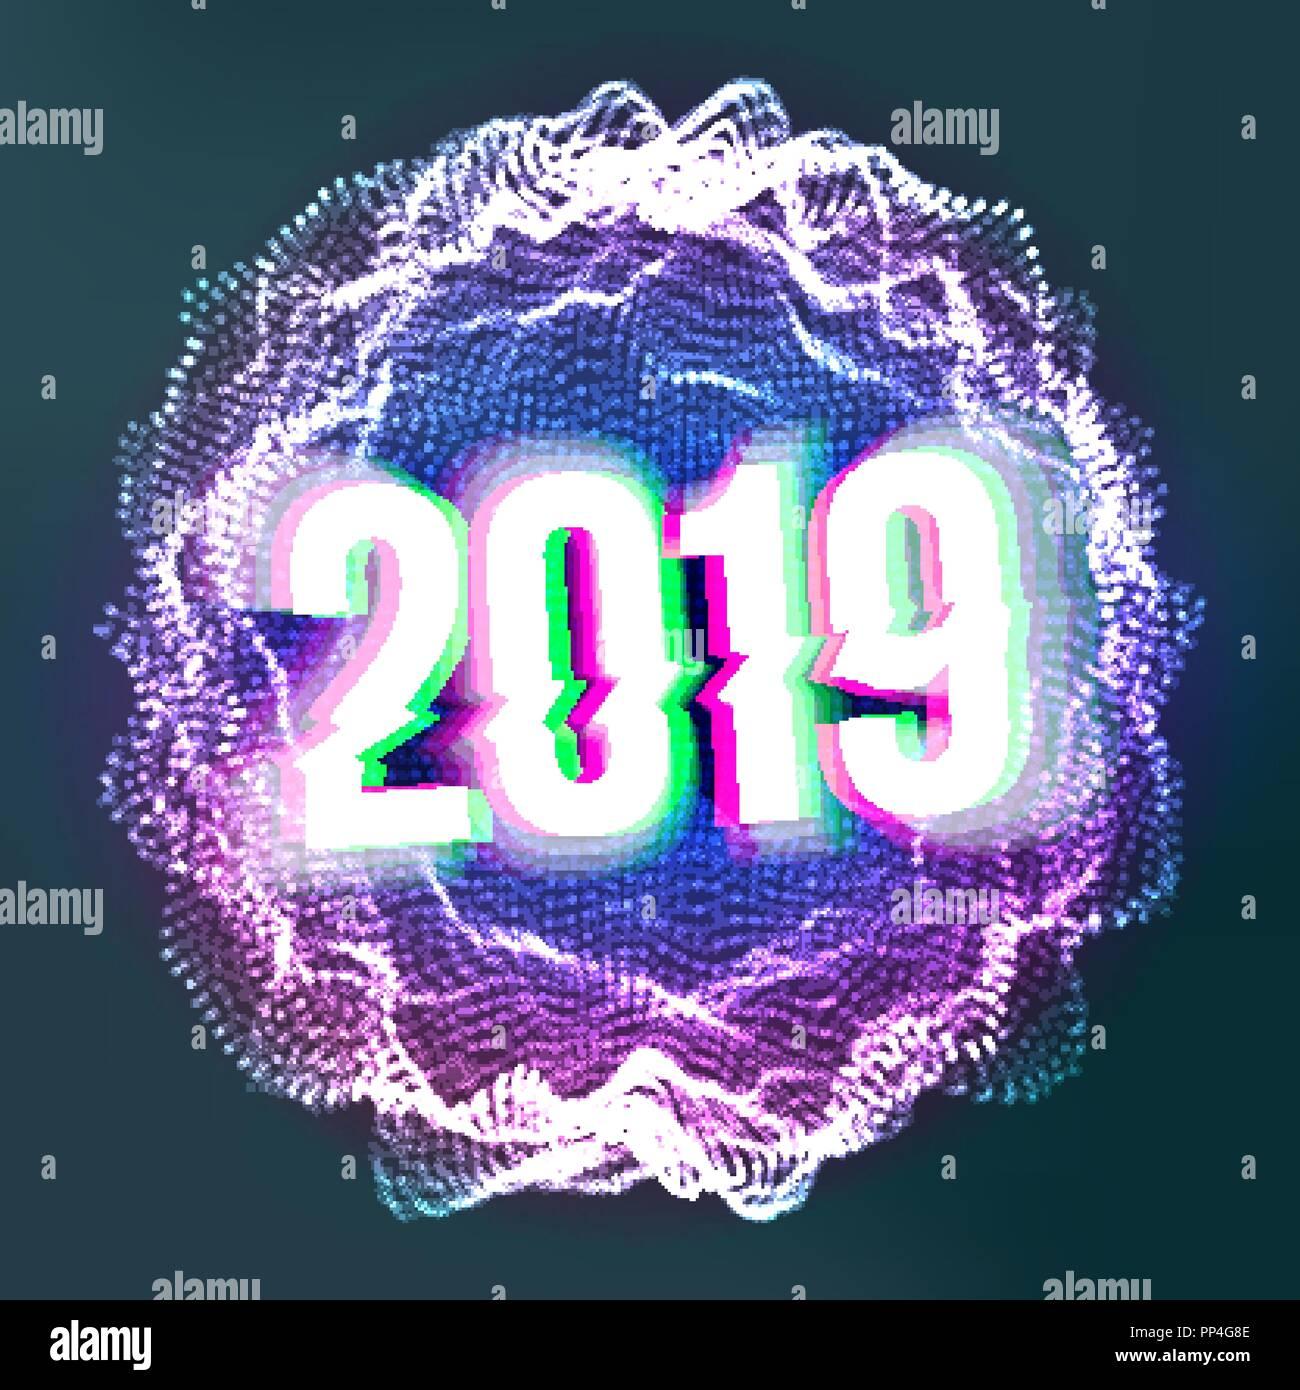 Deko Weihnachten 2019.2019 Frohes Neues Jahr Hintergrund Vektor Deko Element